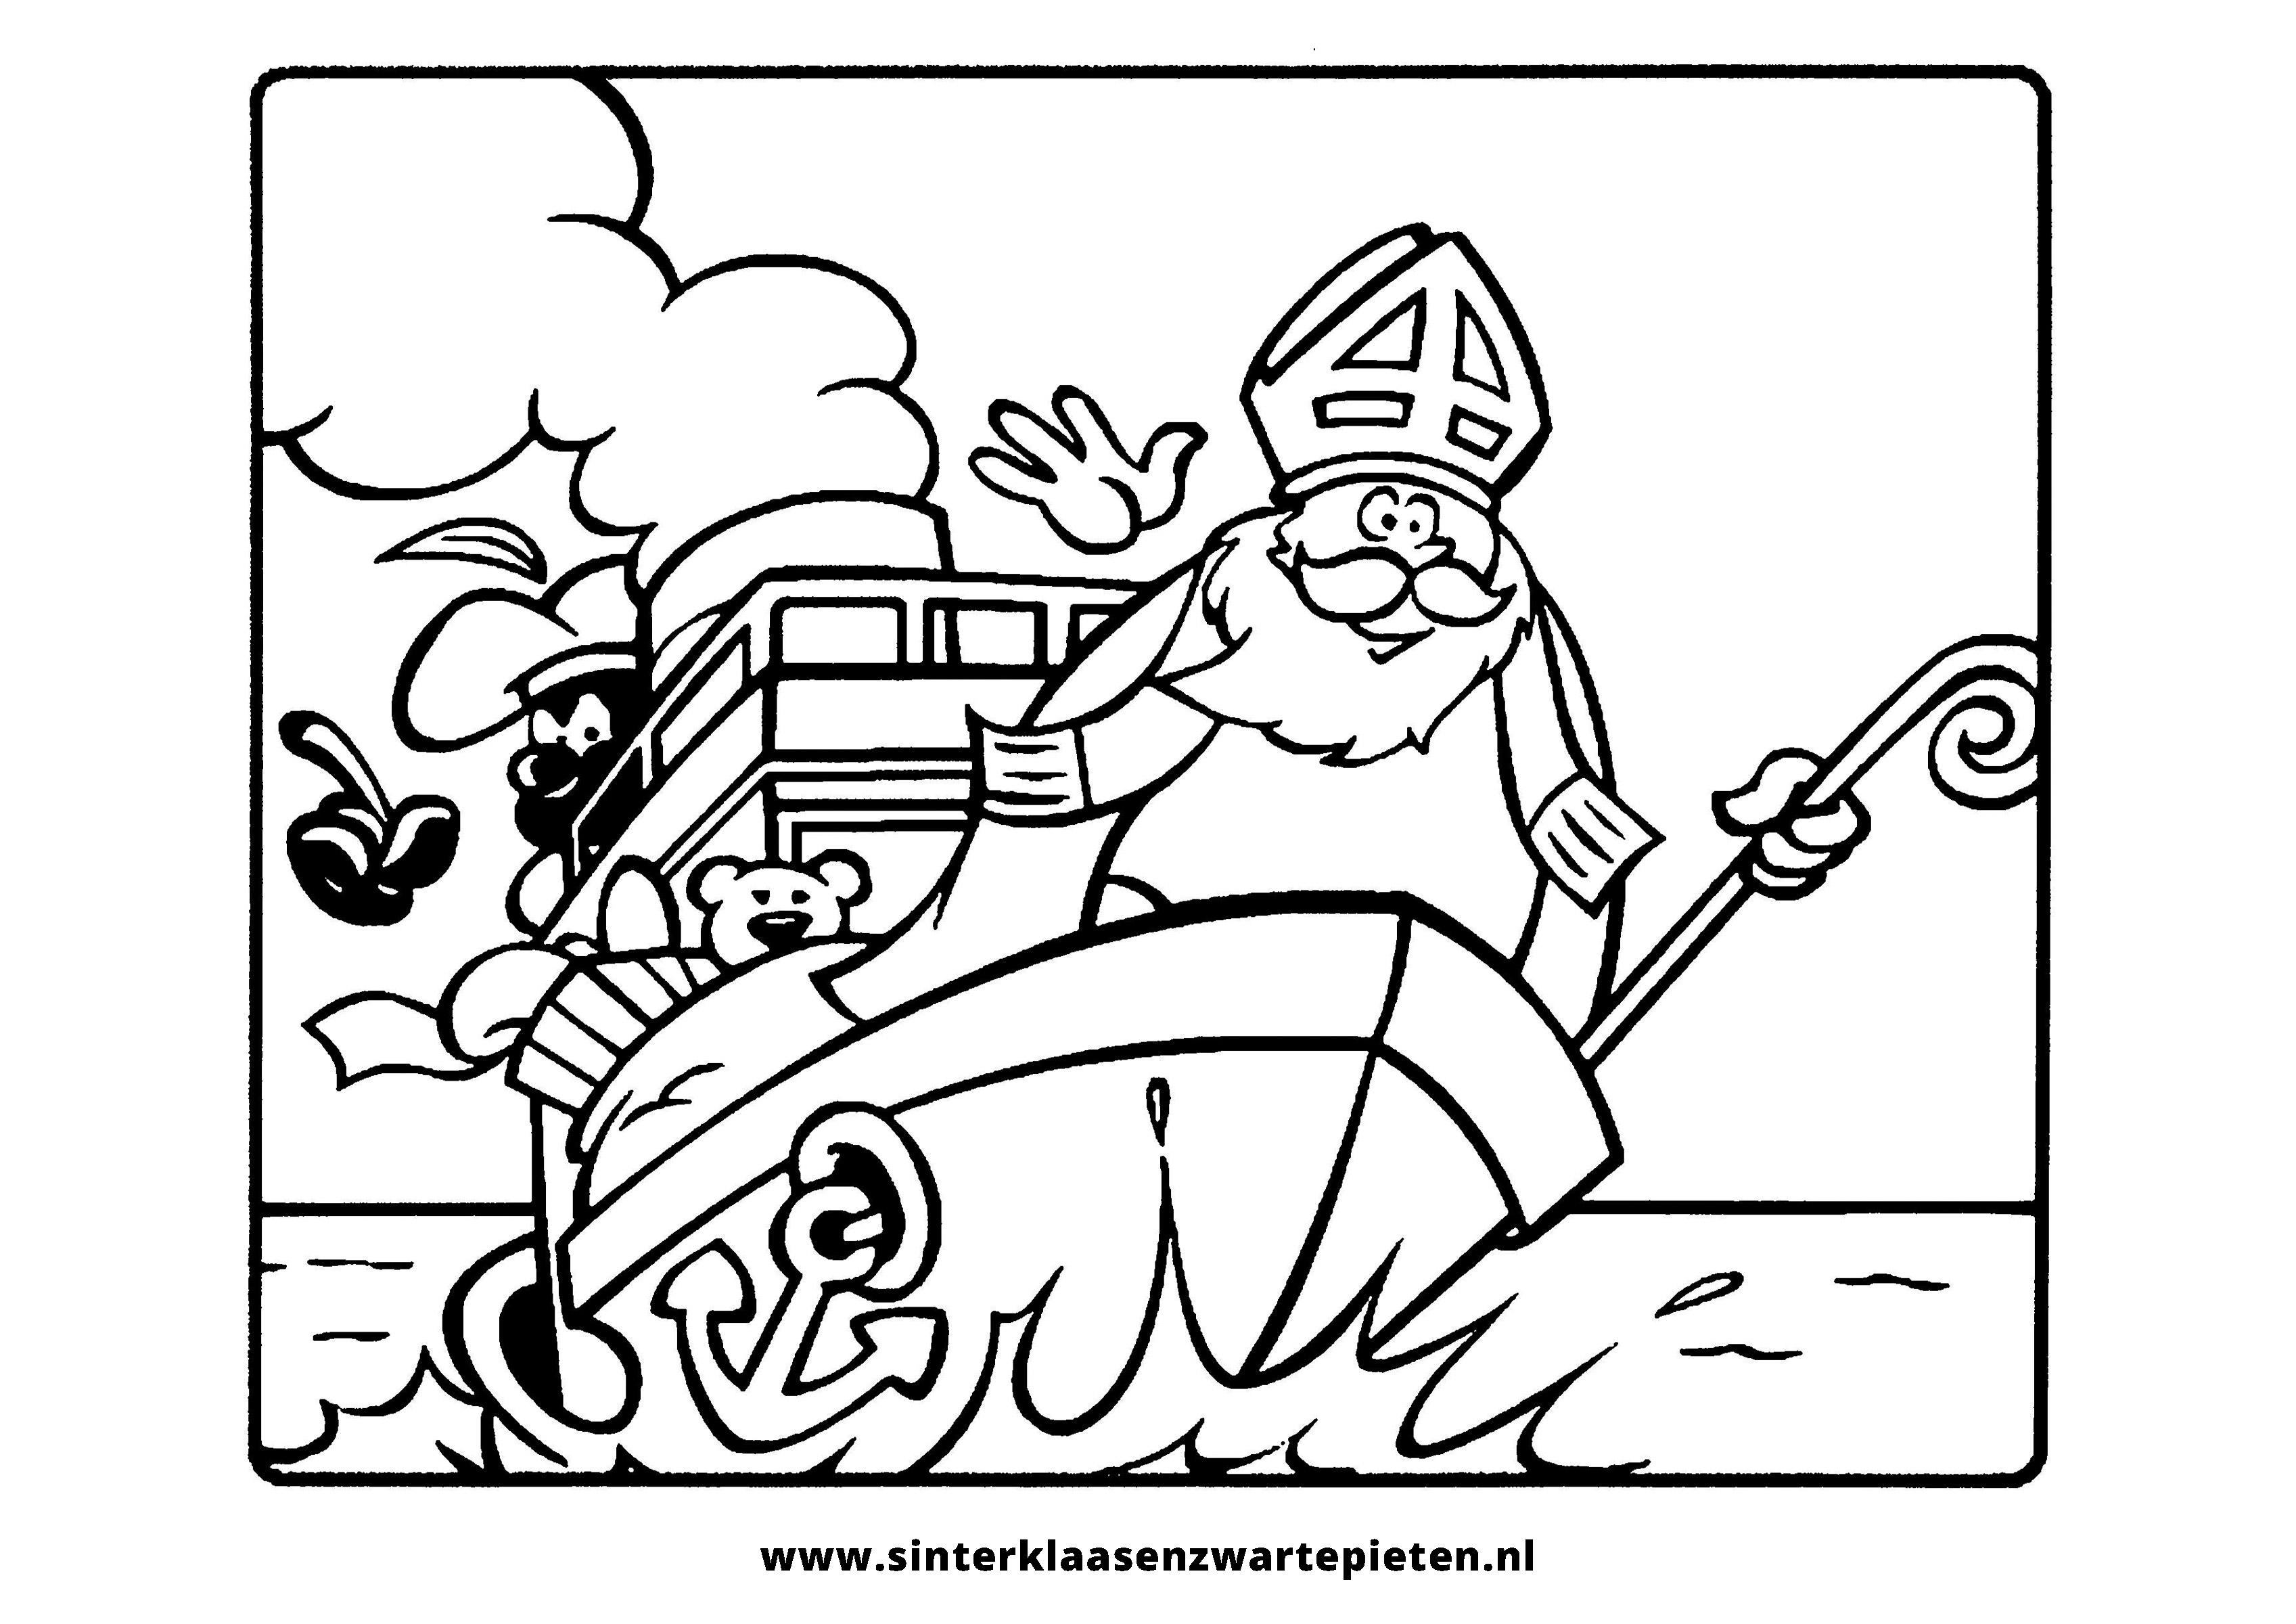 Kleurplaten Sinterklaas Stoomboot.Mooi Kleurplaten Sinterklaas Zwarte Piet Stoomboot Klupaats Website